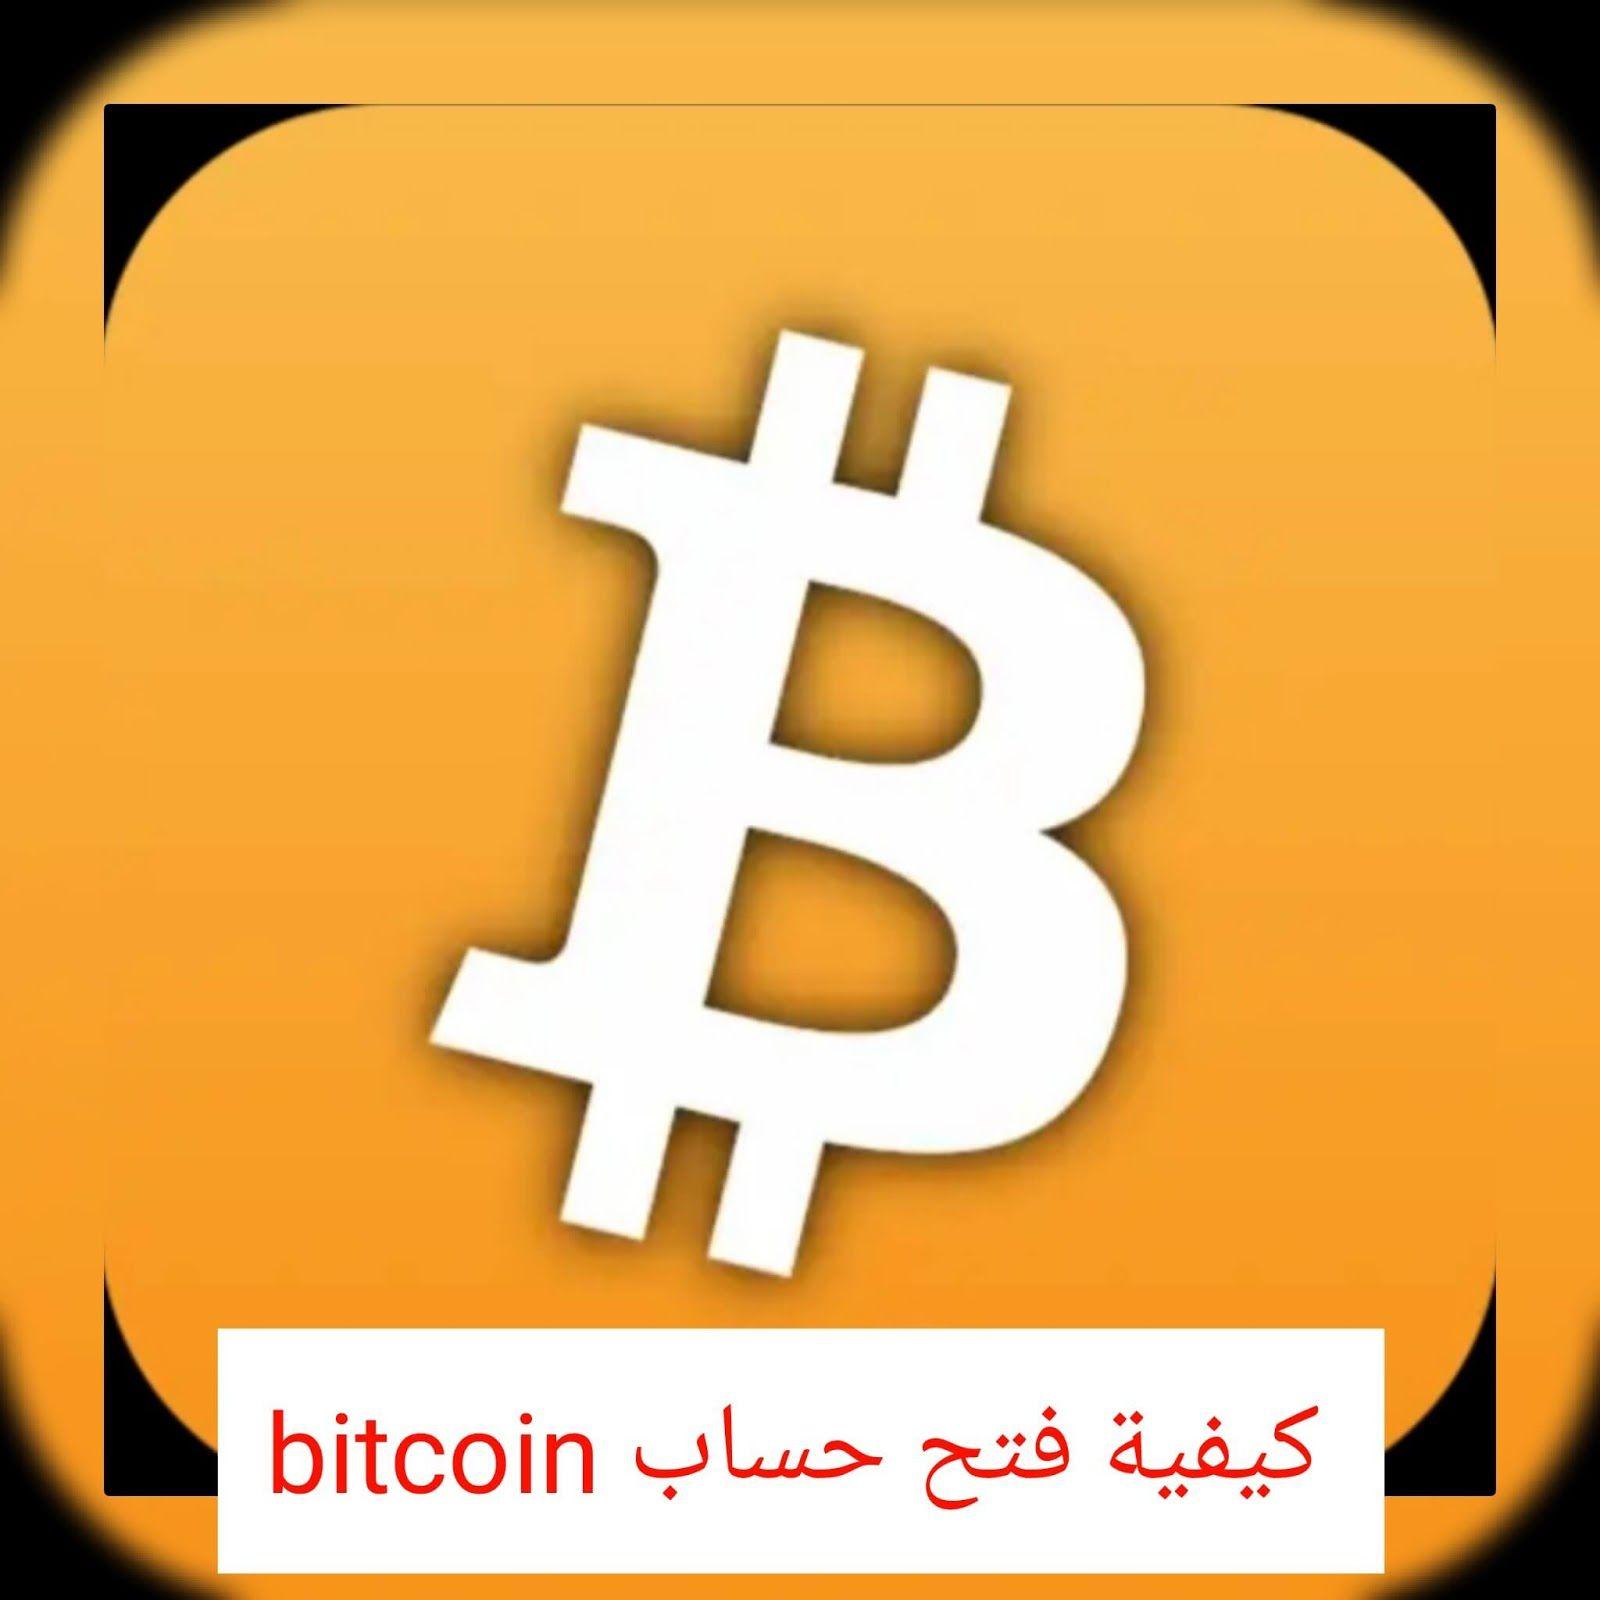 كيفية فتح حساب Bitcoin إنشاء محفظة البيتكوين كيفية فتح حساب Bitcoin إنشاء محفظة البيتكوين مرحبا بك زائرنا الكريم ف Sport Team Logos Team Logo Vehicle Logos